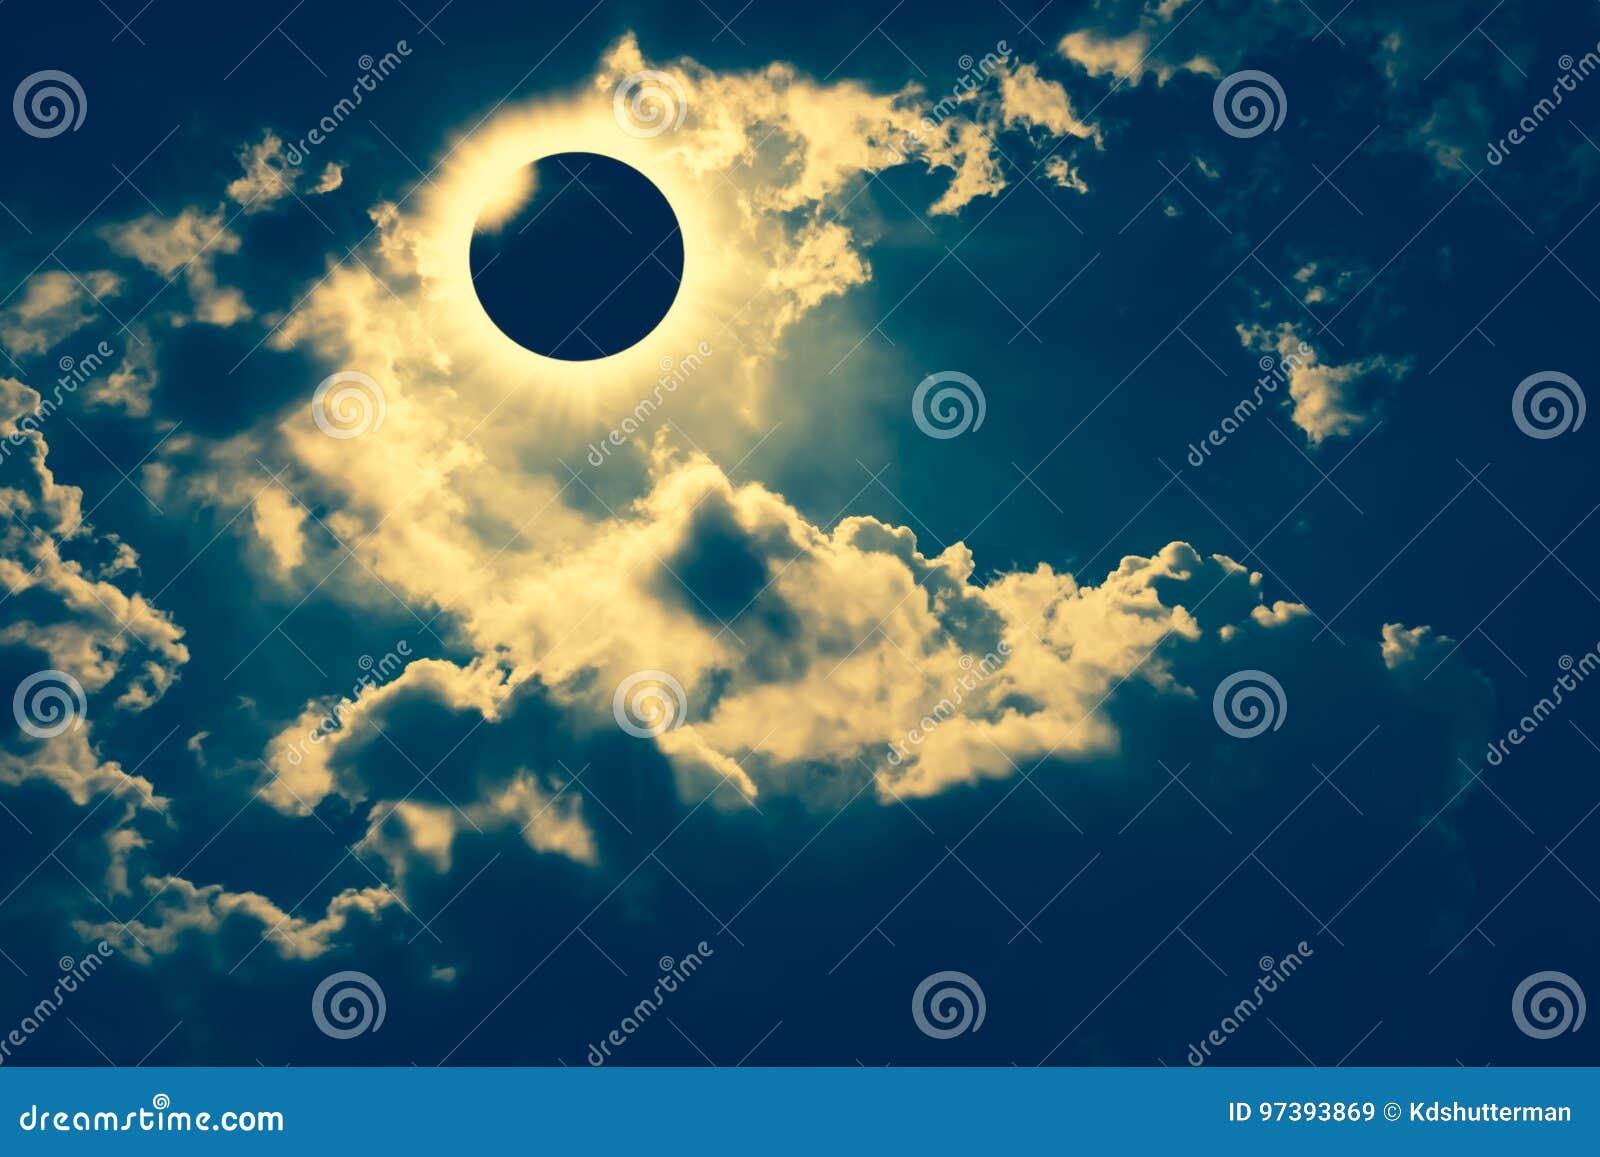 Phénomène naturel scientifique Éclipse solaire totale avec le diamant